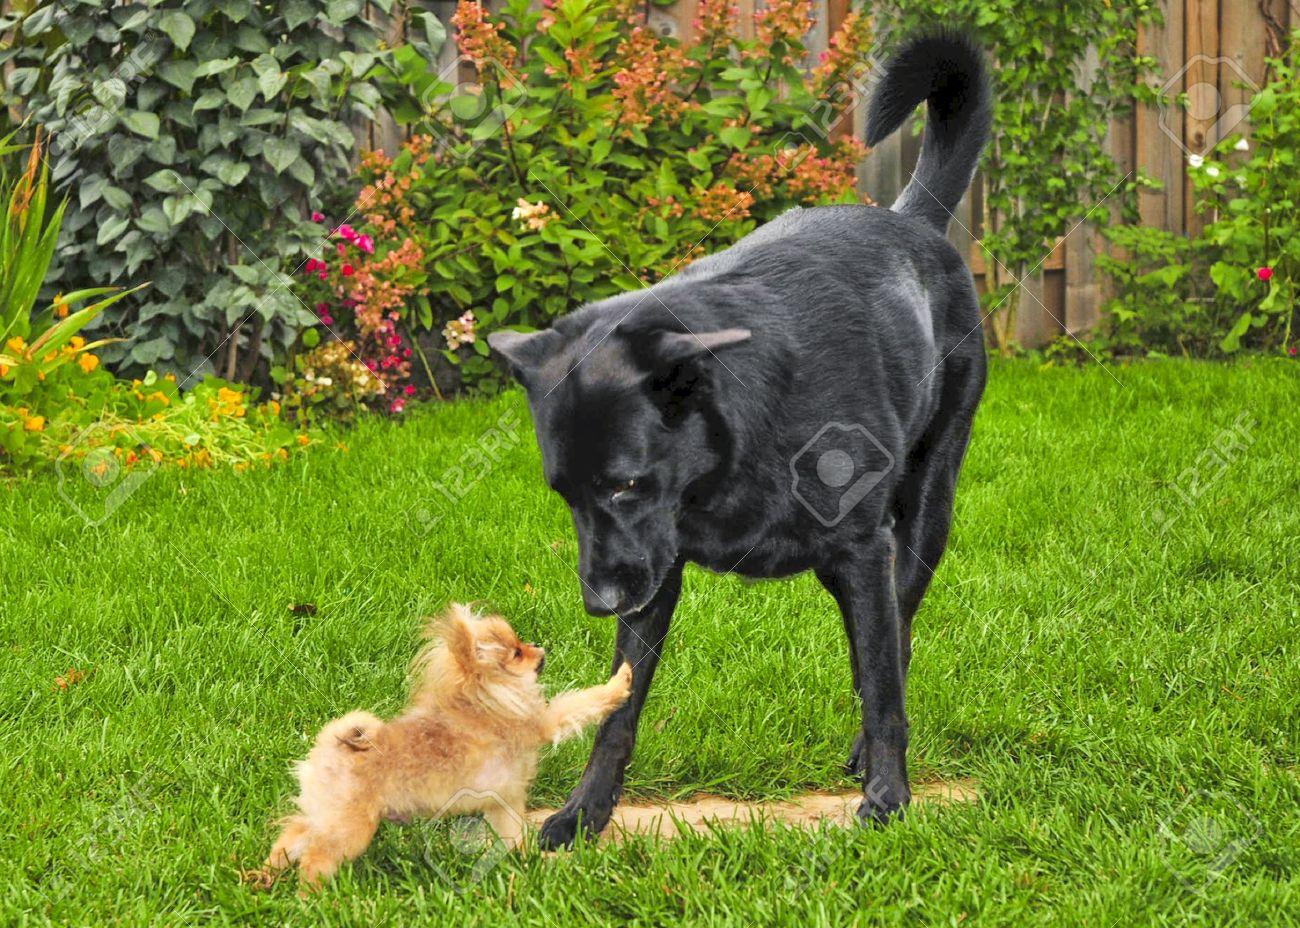 8418369-smal-dog-vs-big-dog-Stock-Photo-